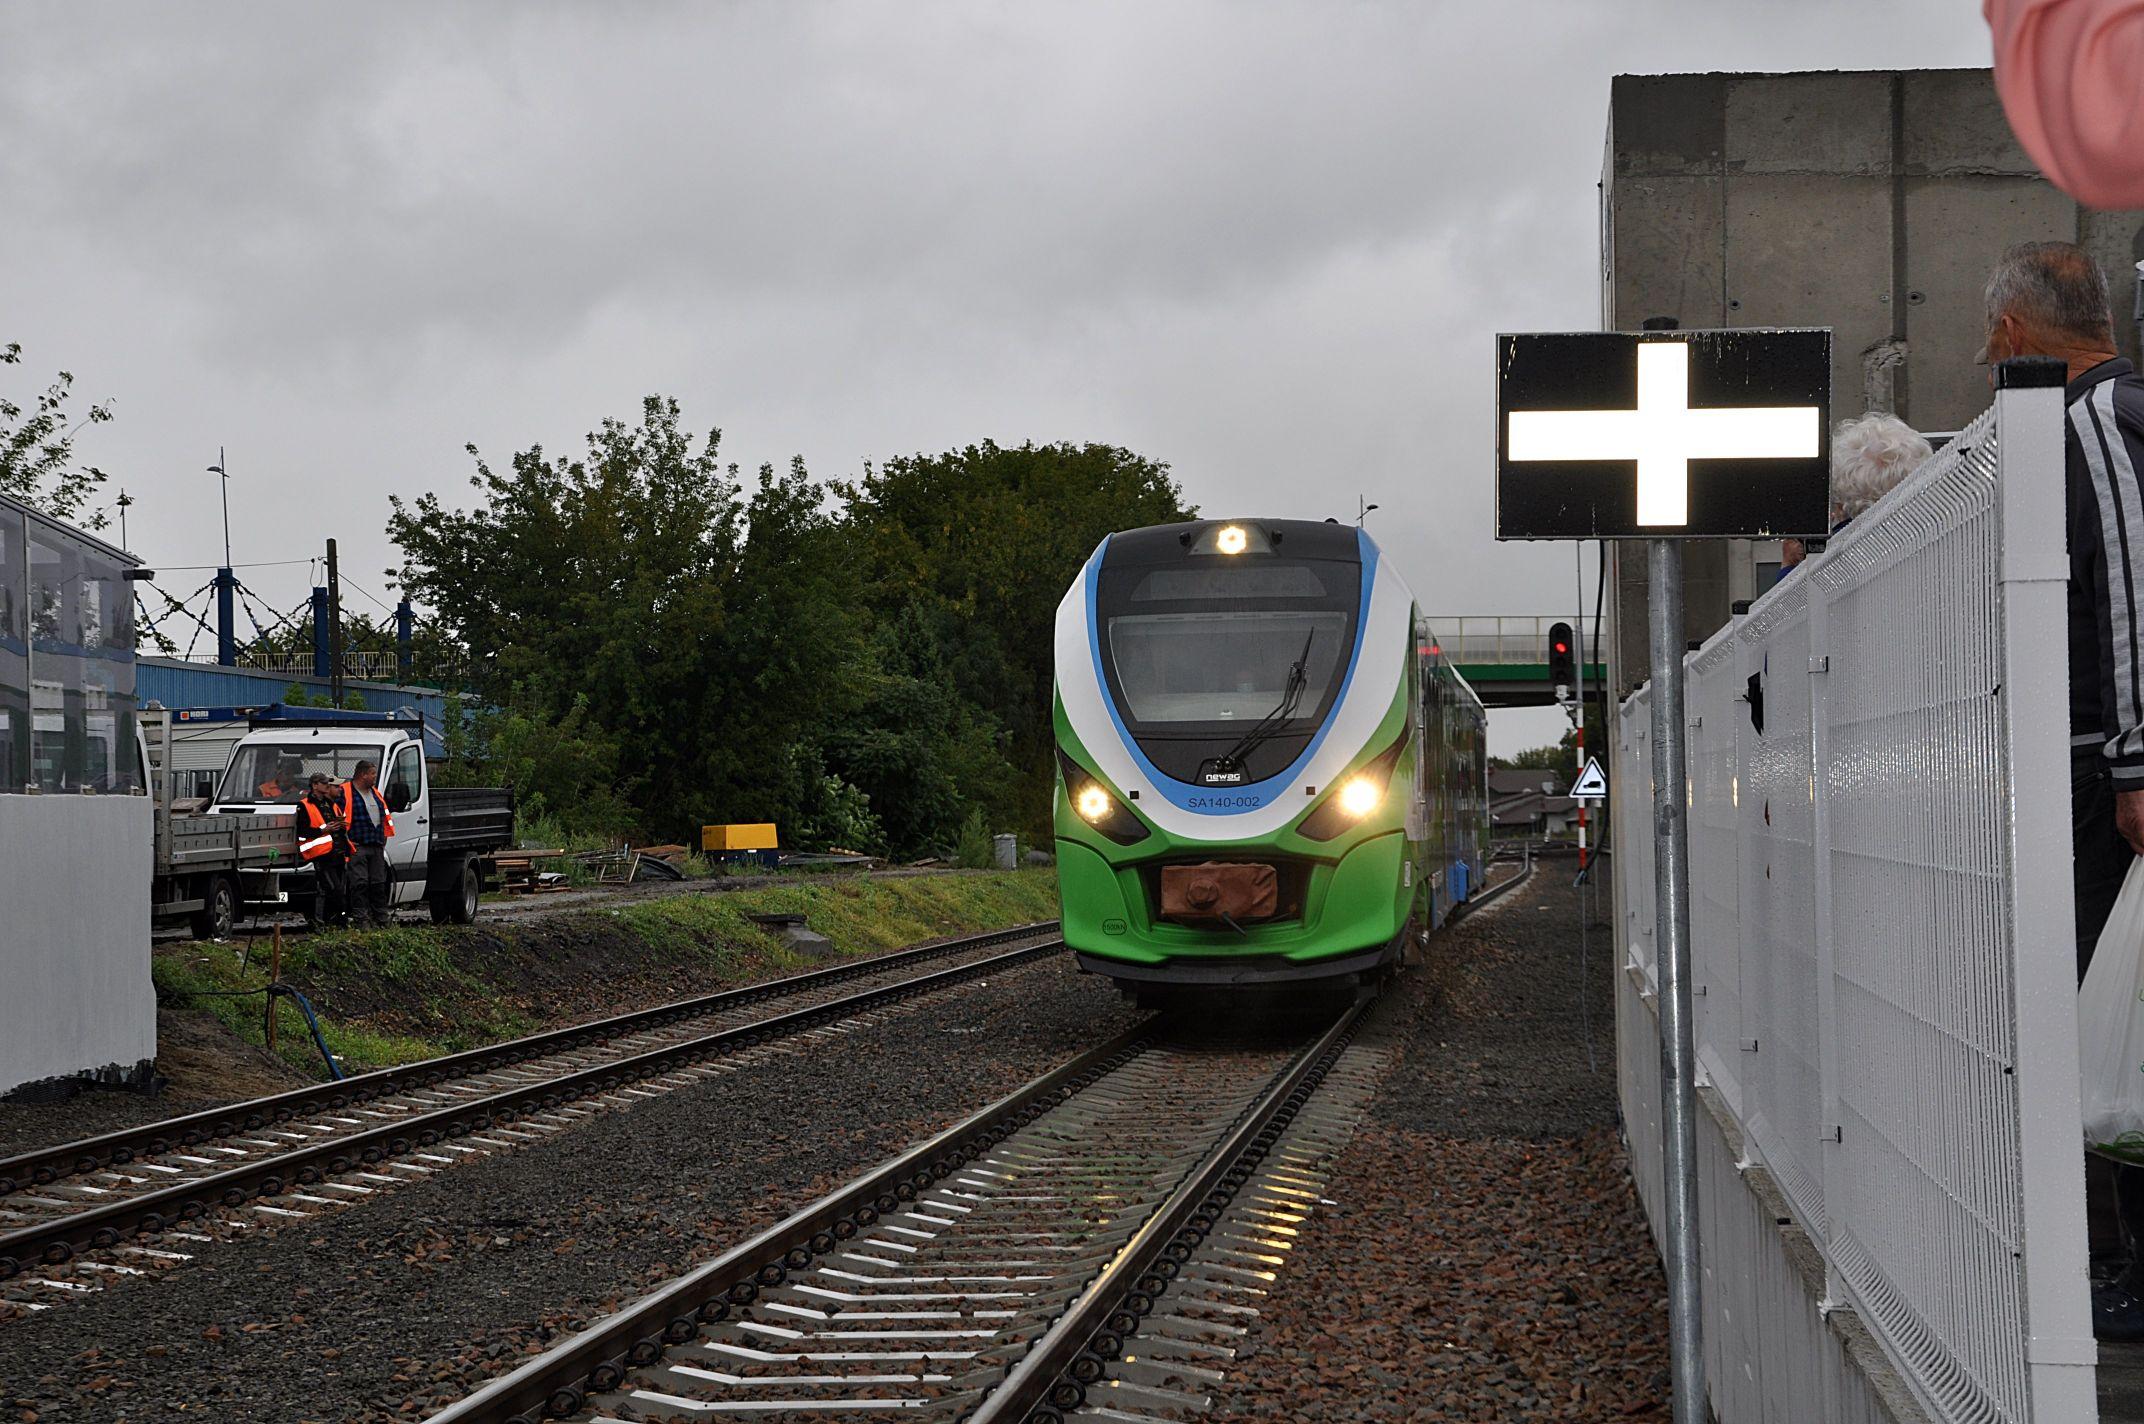 Z REGIONU: Pierwsze pociągi ruszyły z mieleckiej stacji  [ZDJĘCIA - WIDEO] - Zdjęcie główne